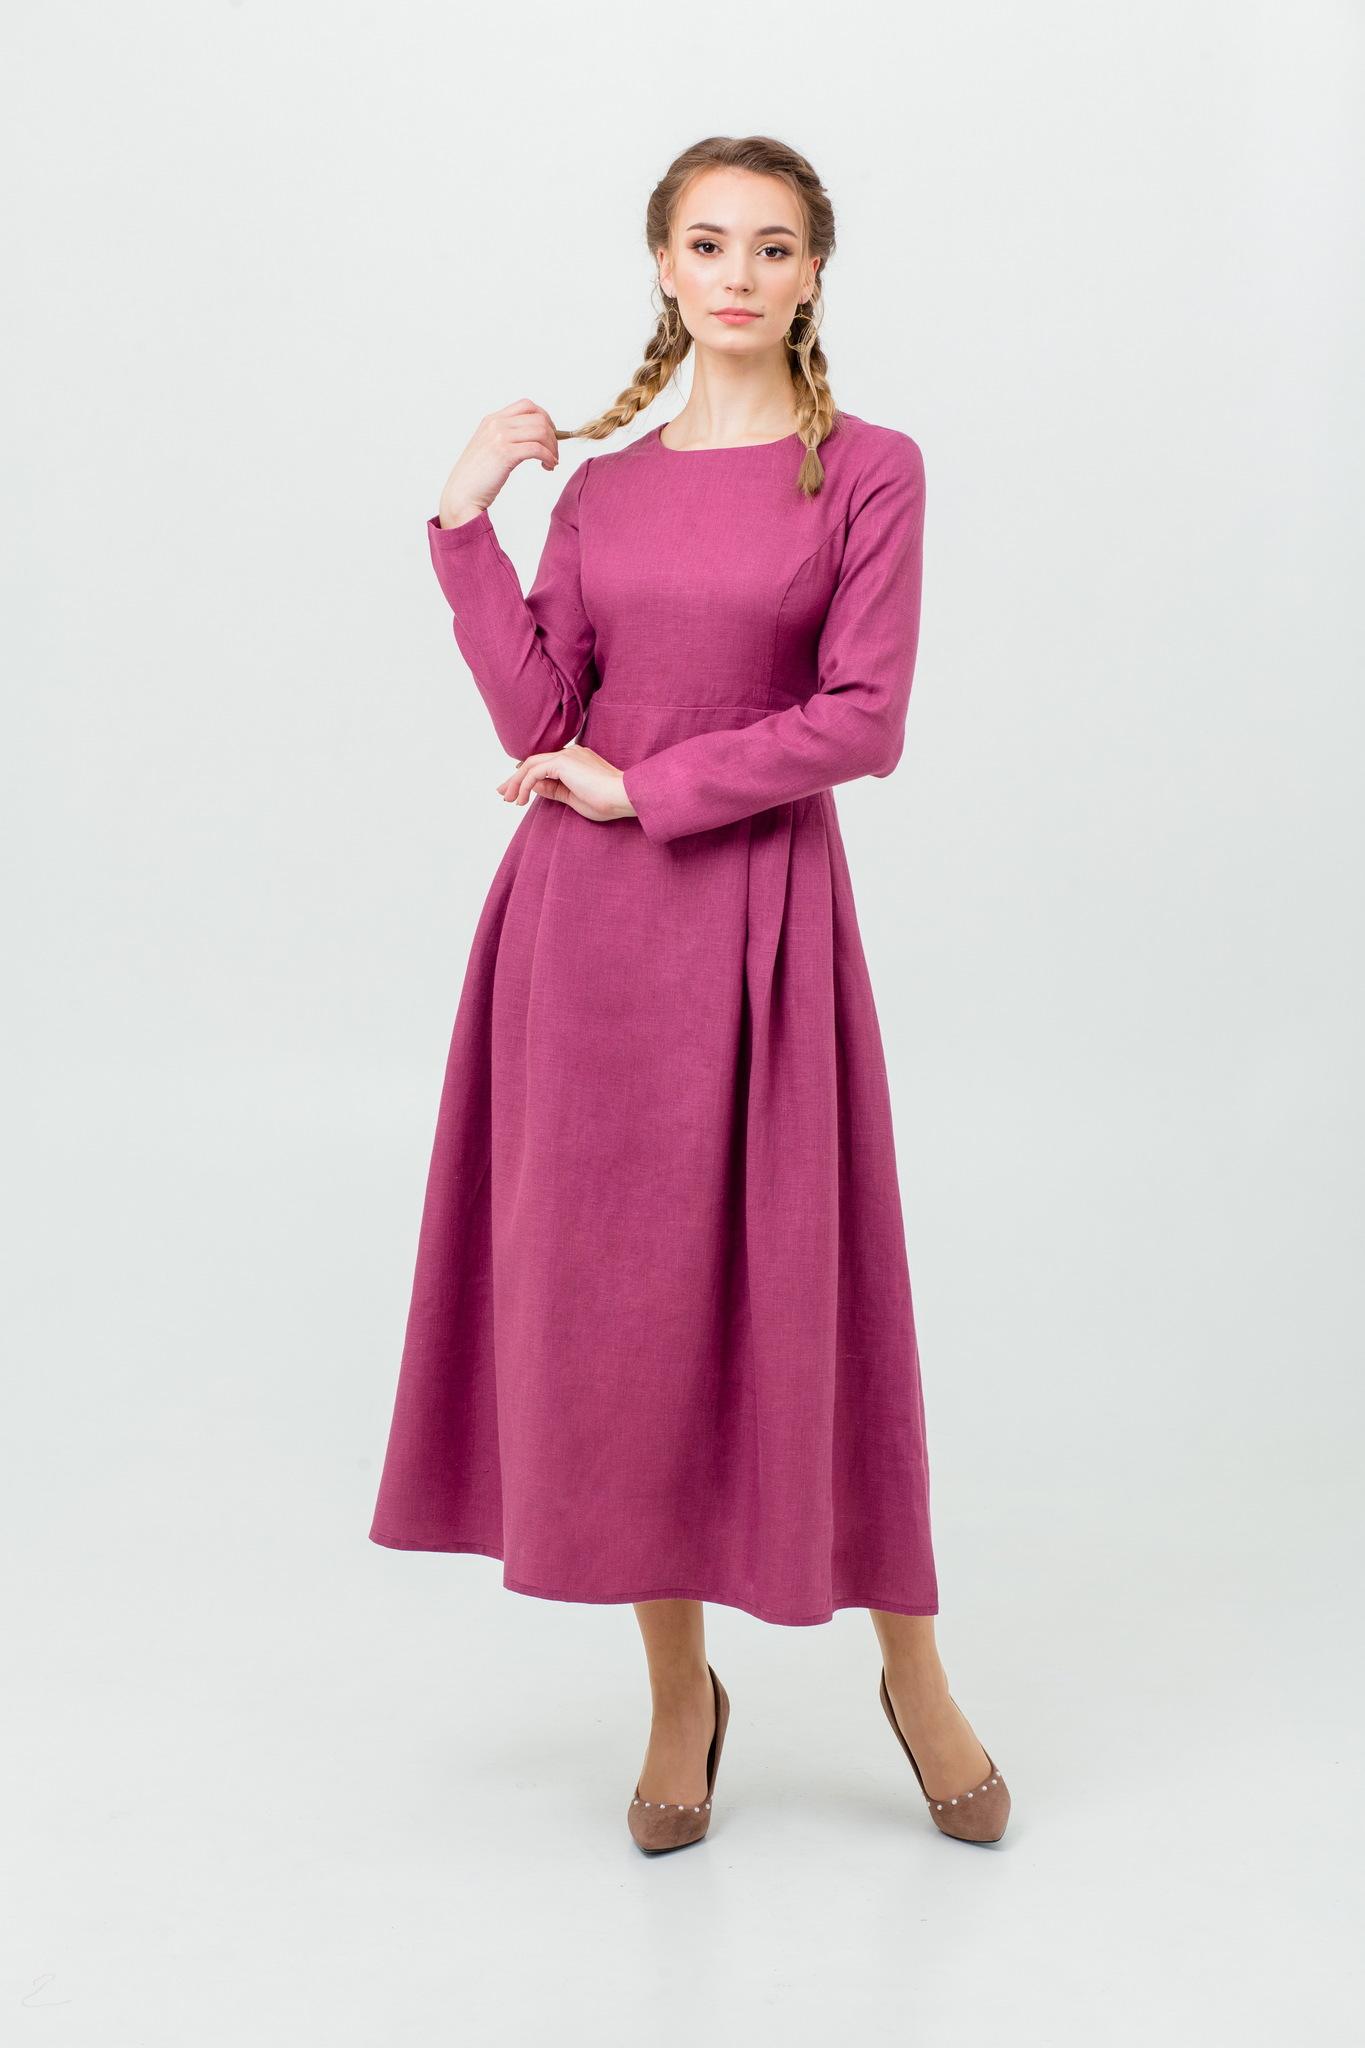 Платье из льна Ежевика